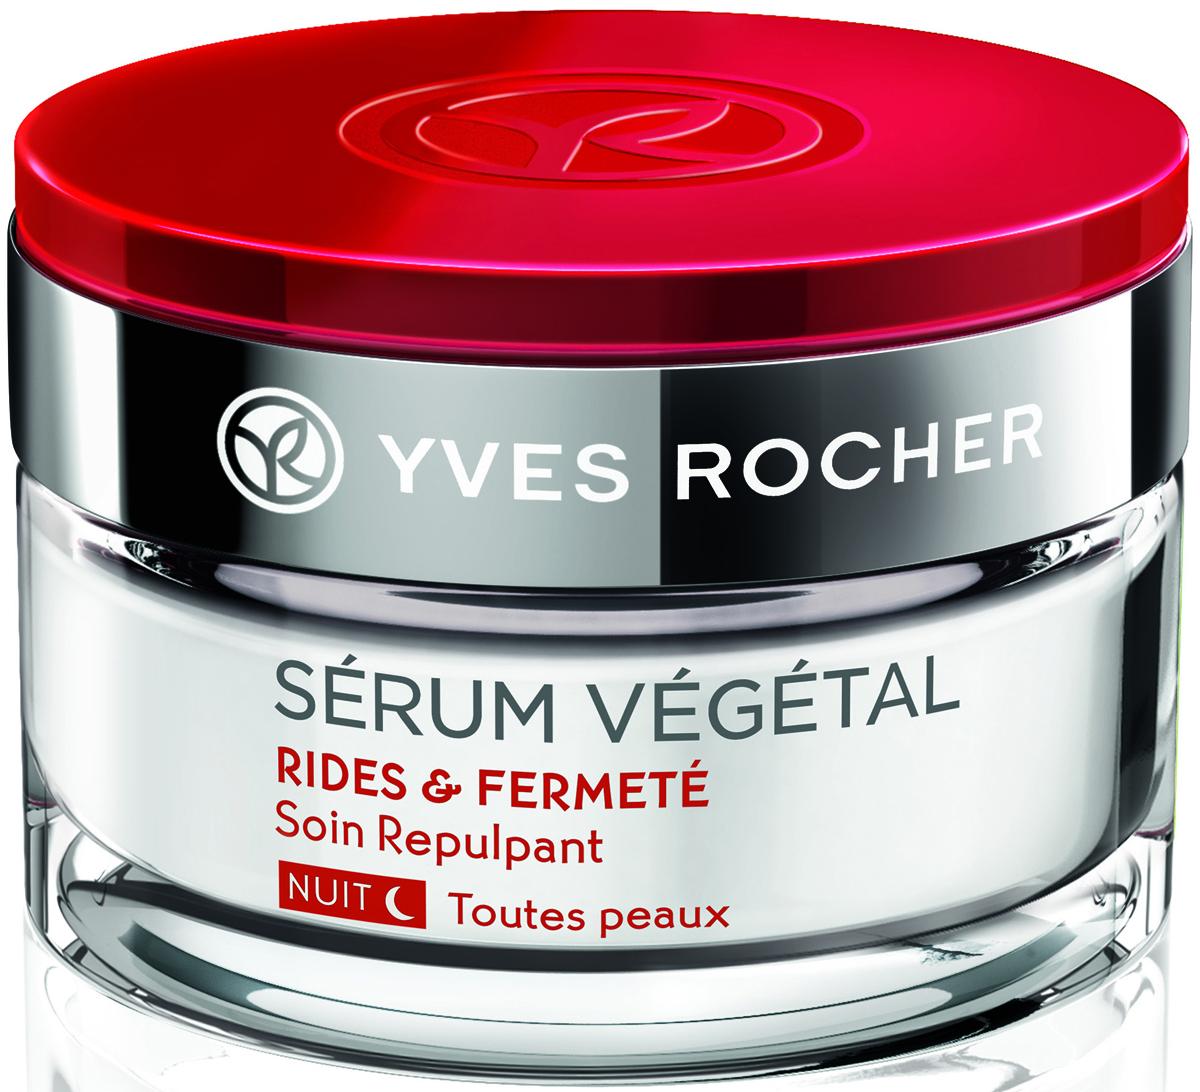 Yves Rocher ночной уход от морщин и для плотности кожи, все типы кожи, 50 мл30045Вы ищете ночной уход от морщин' потому что у Вас: - заметные морщины. - нехватка упругости.Ночной Уход от Морщин & для Плотности Кожи - Все типы кожи' обогащенный экстрактом Растения Жизни: Мезембриантемум кристаллинум' подходит именно Вам.Экстракт Растения Жизни: Мезембриантемум кристаллинум' активизируя выработку протеина mTOR в коже*' стимулирует механизмы борьбы с морщинами на клеточном уровне. В состав формулы также входит камедь Акации' которая возобновляет синтез коллагена и гиалуроновой кислоты* для восстановления упругости и плотности кожи изнутри. Мгновенно глубина даже самых заметных морщин сокращается.Через 1 месяц кожа становится более упругой и более плотной у 80% Женщин**.Уход с насыщенной текстурой бальзама интенсивно питает кожу.Протестировано под контролем дерматологов.